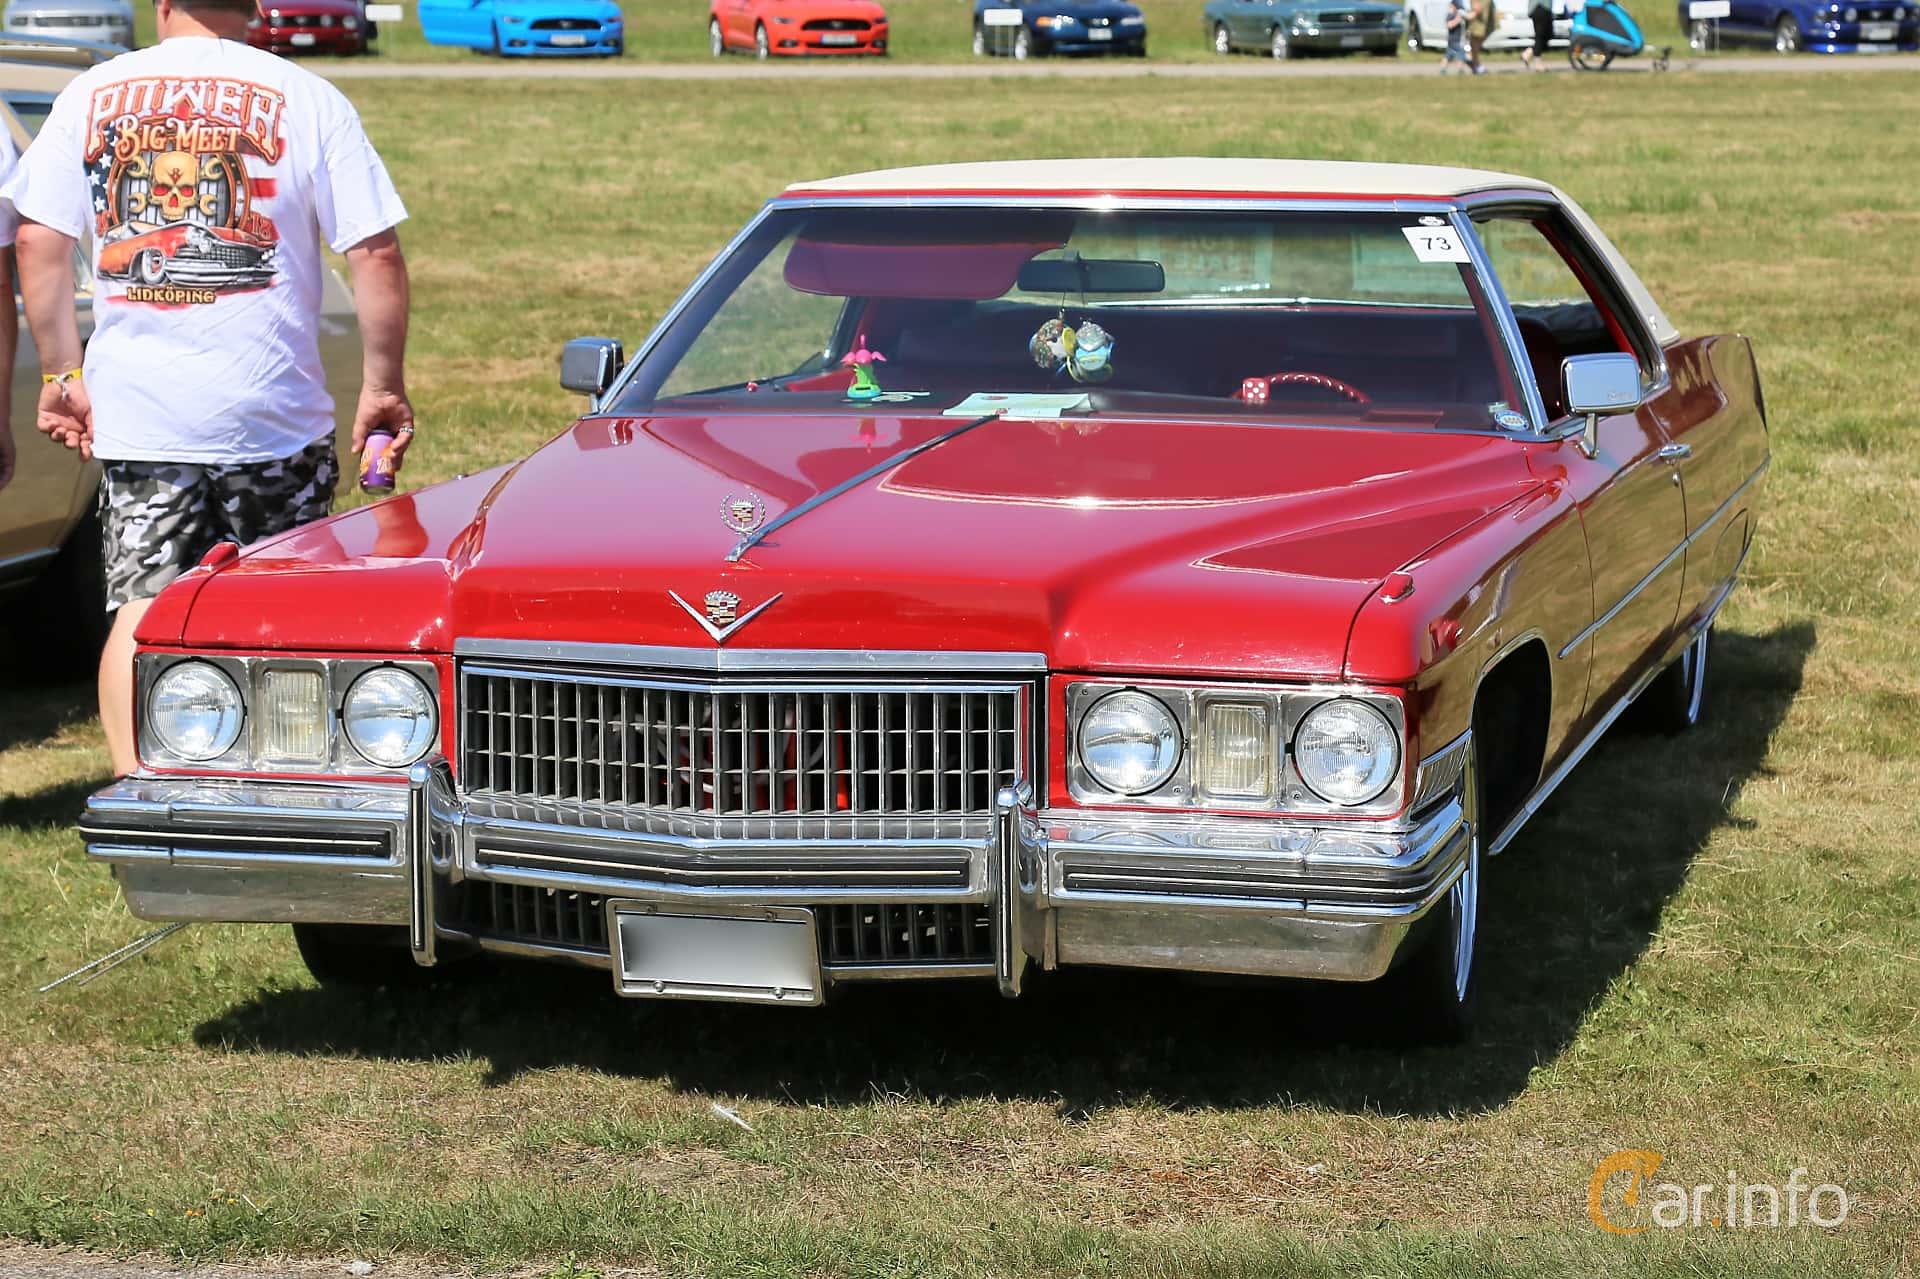 Cadillac Coupé de Ville 7.7 V8 OHV Hydra-Matic, 223hp, 1973